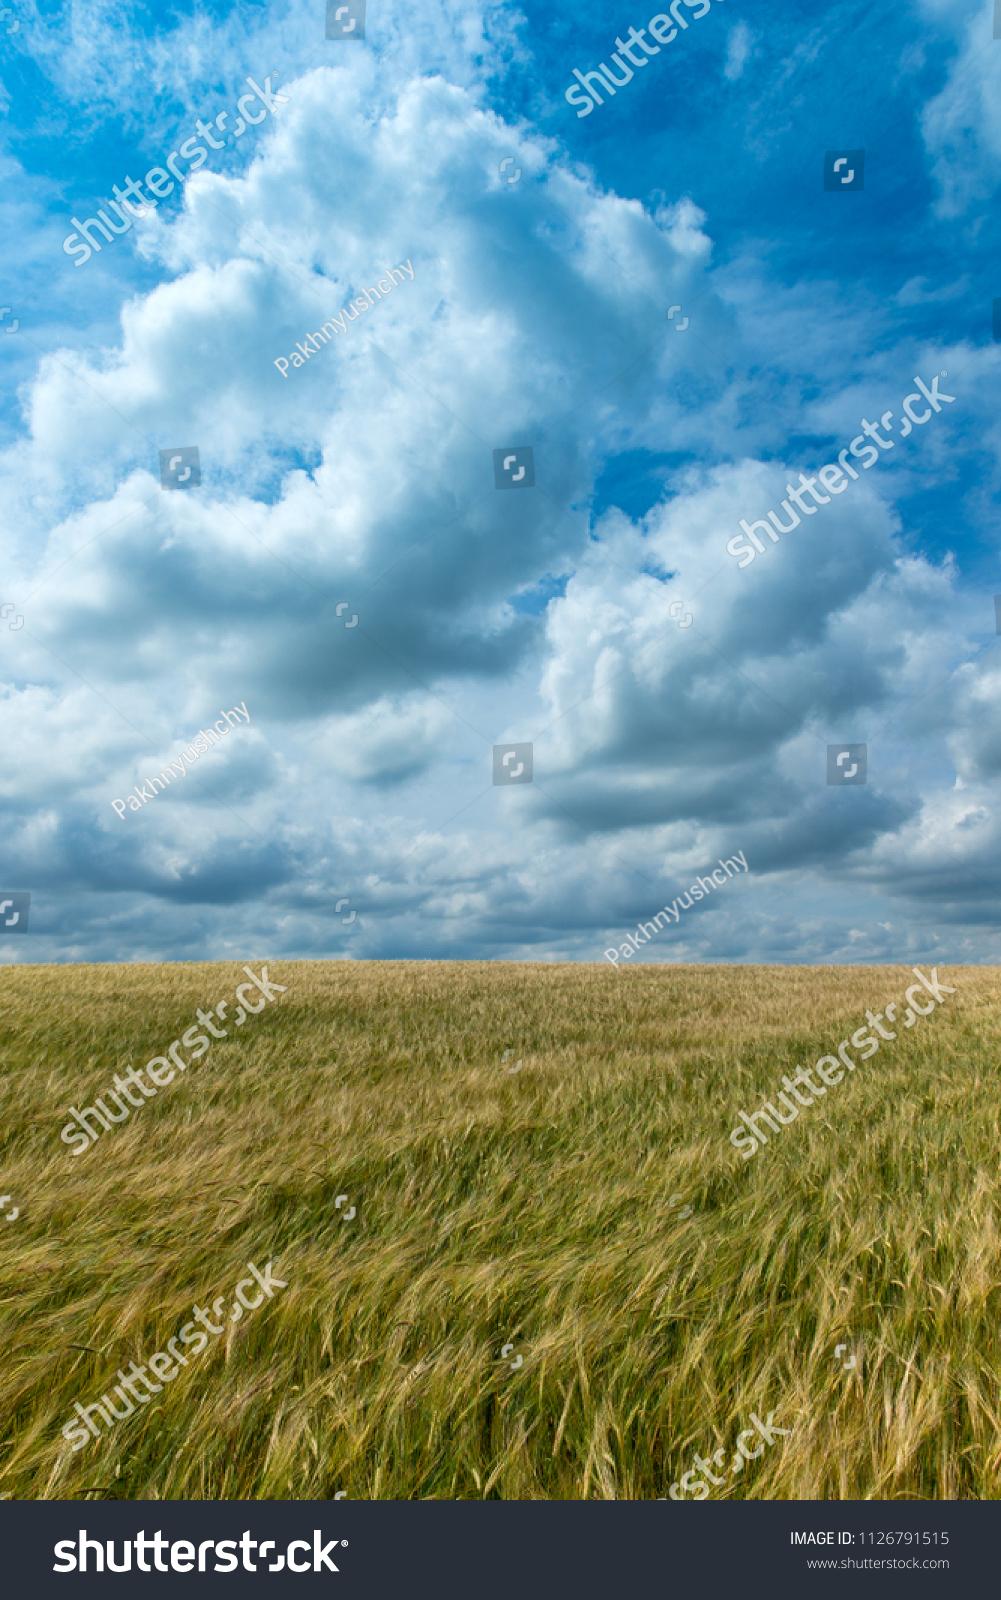 green grass field grass field photos green o - effte.co